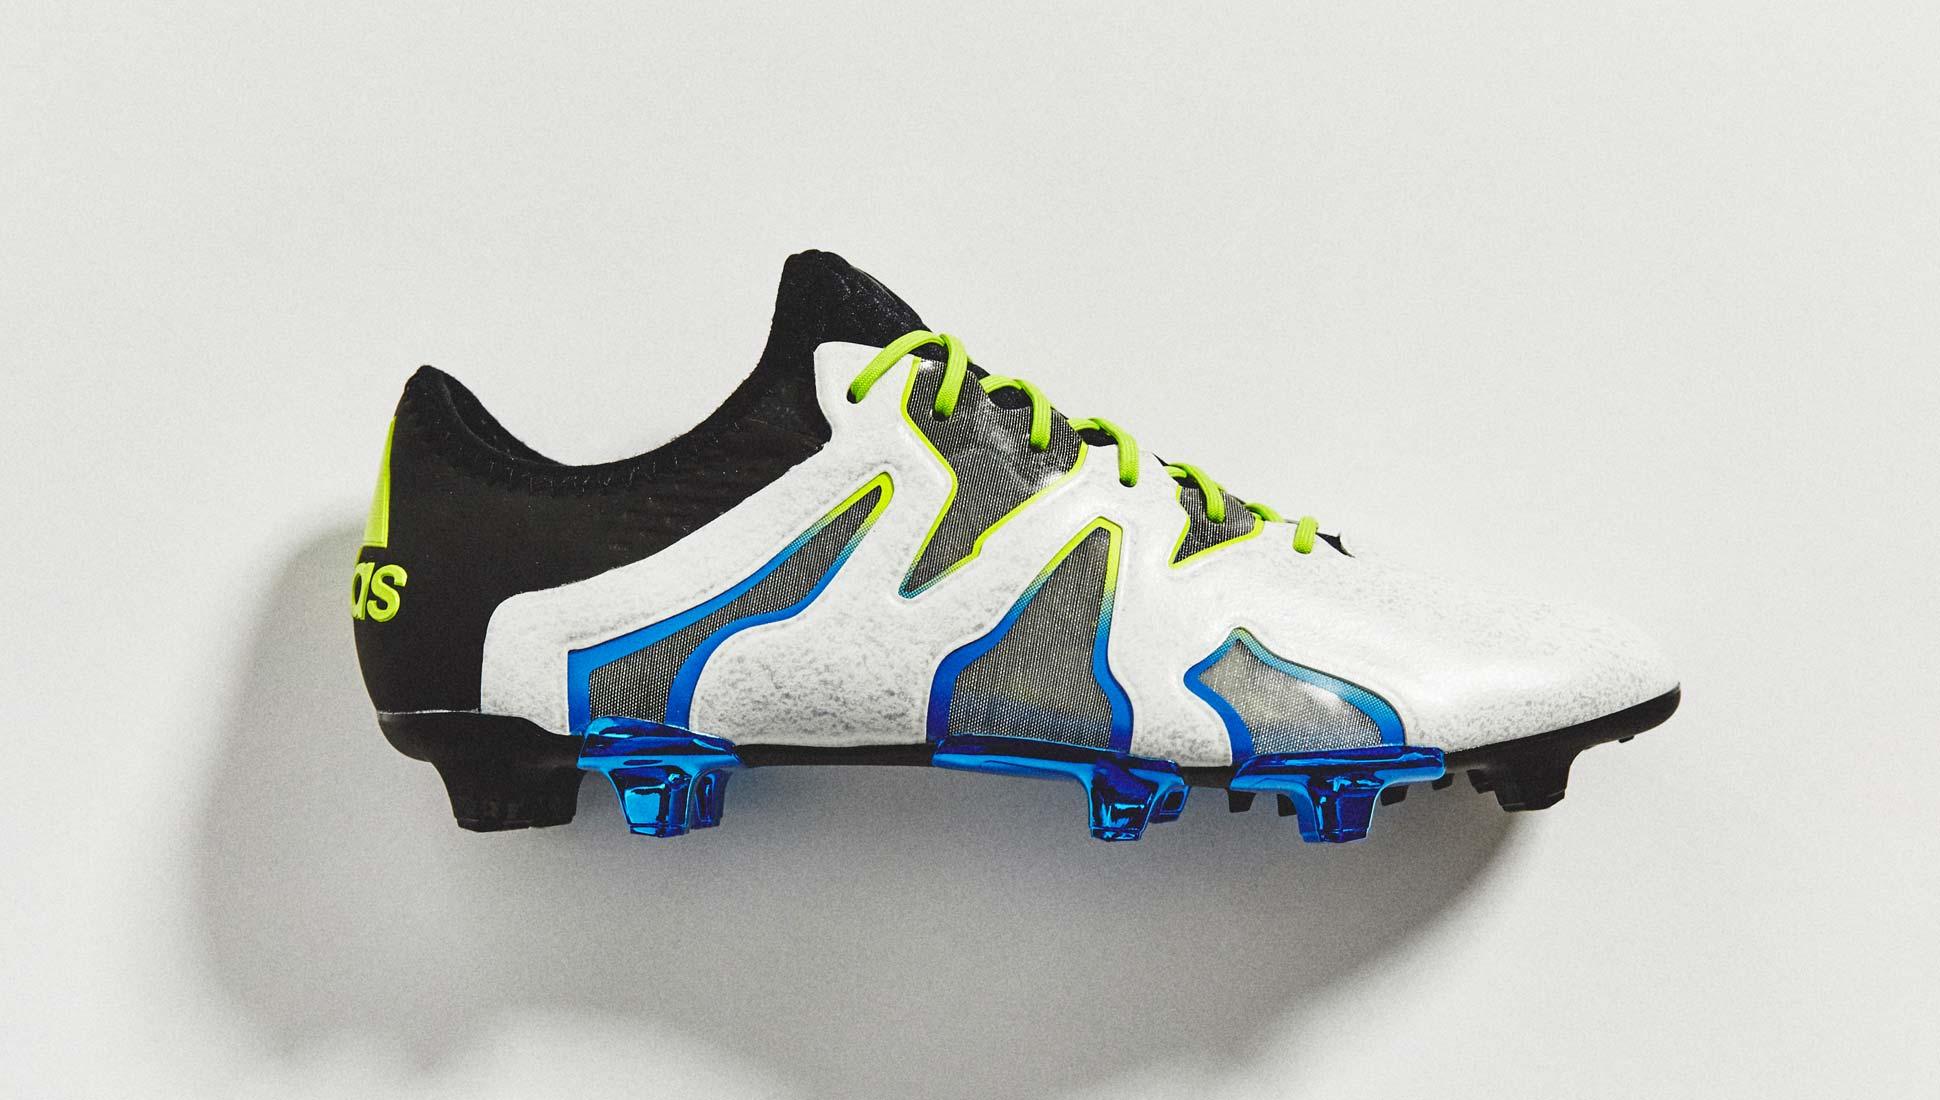 Adidas X15 + Sl